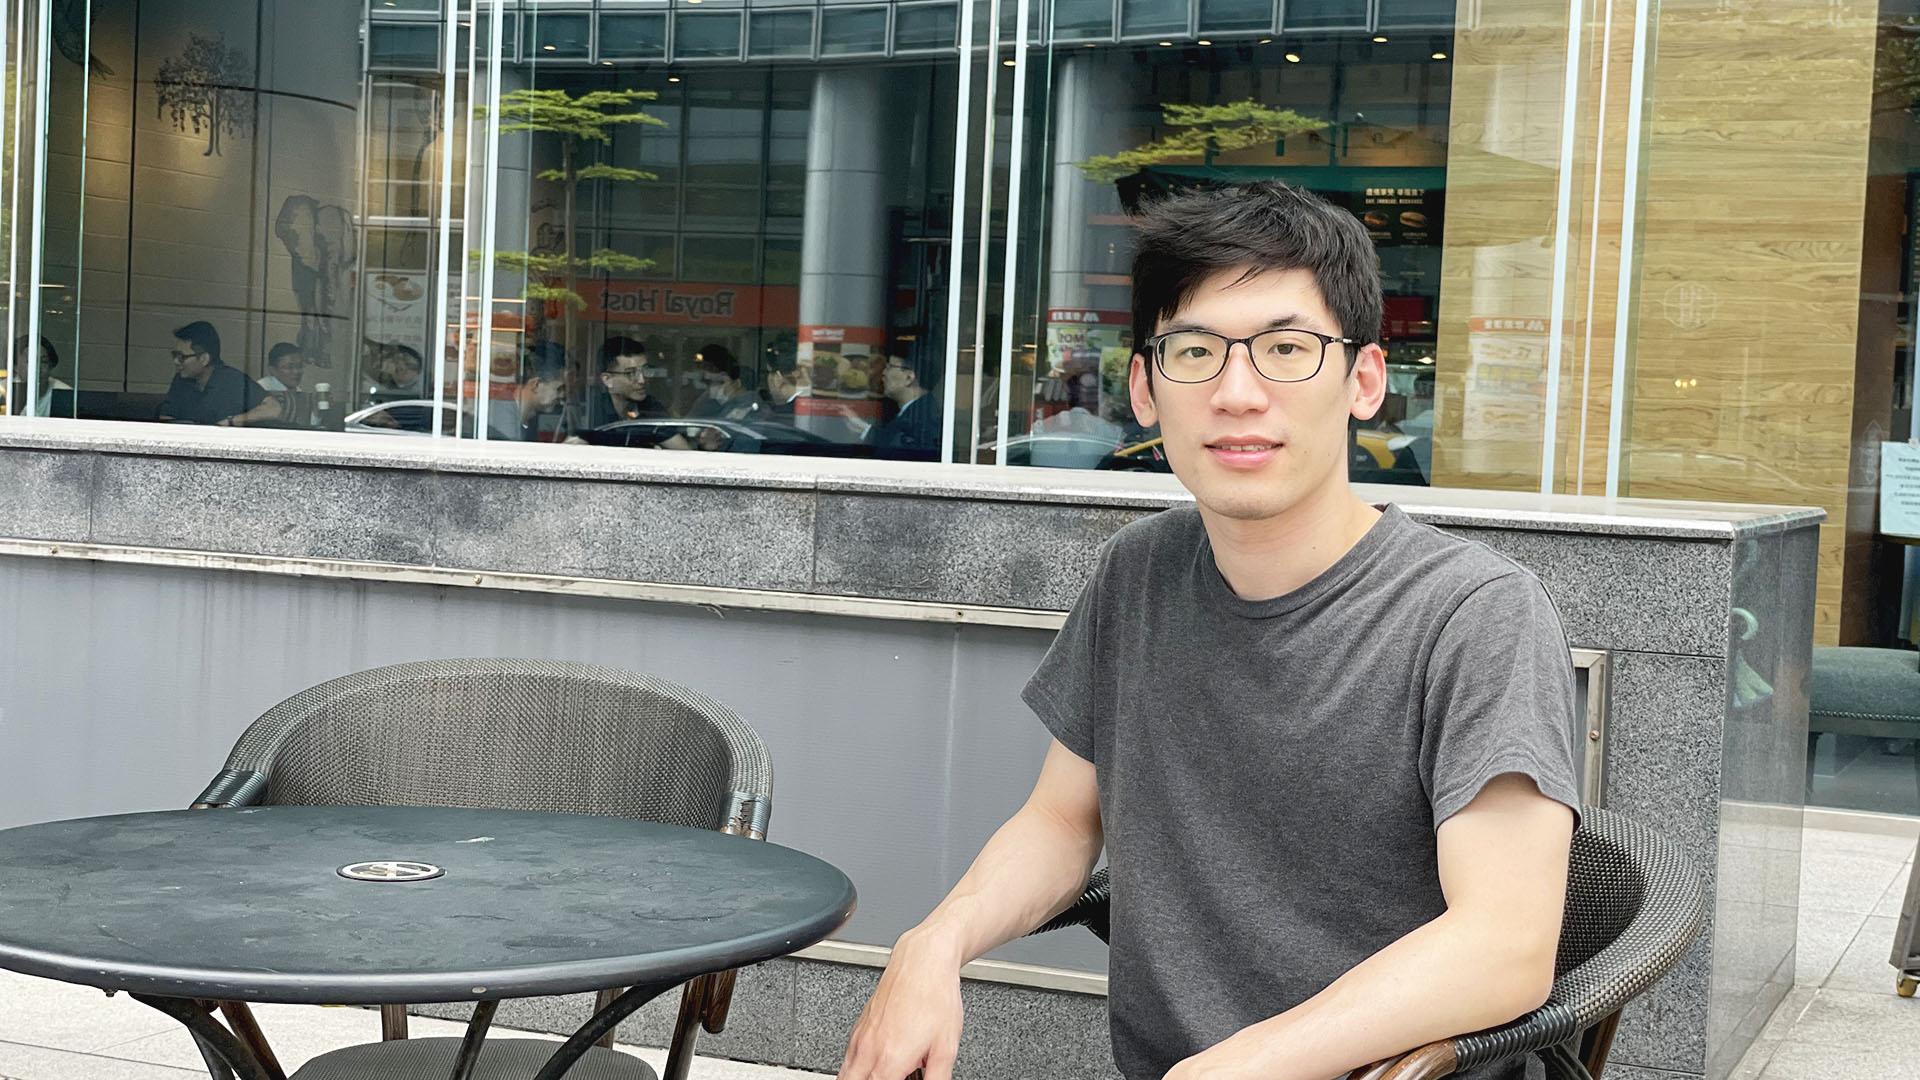 Yung Yen